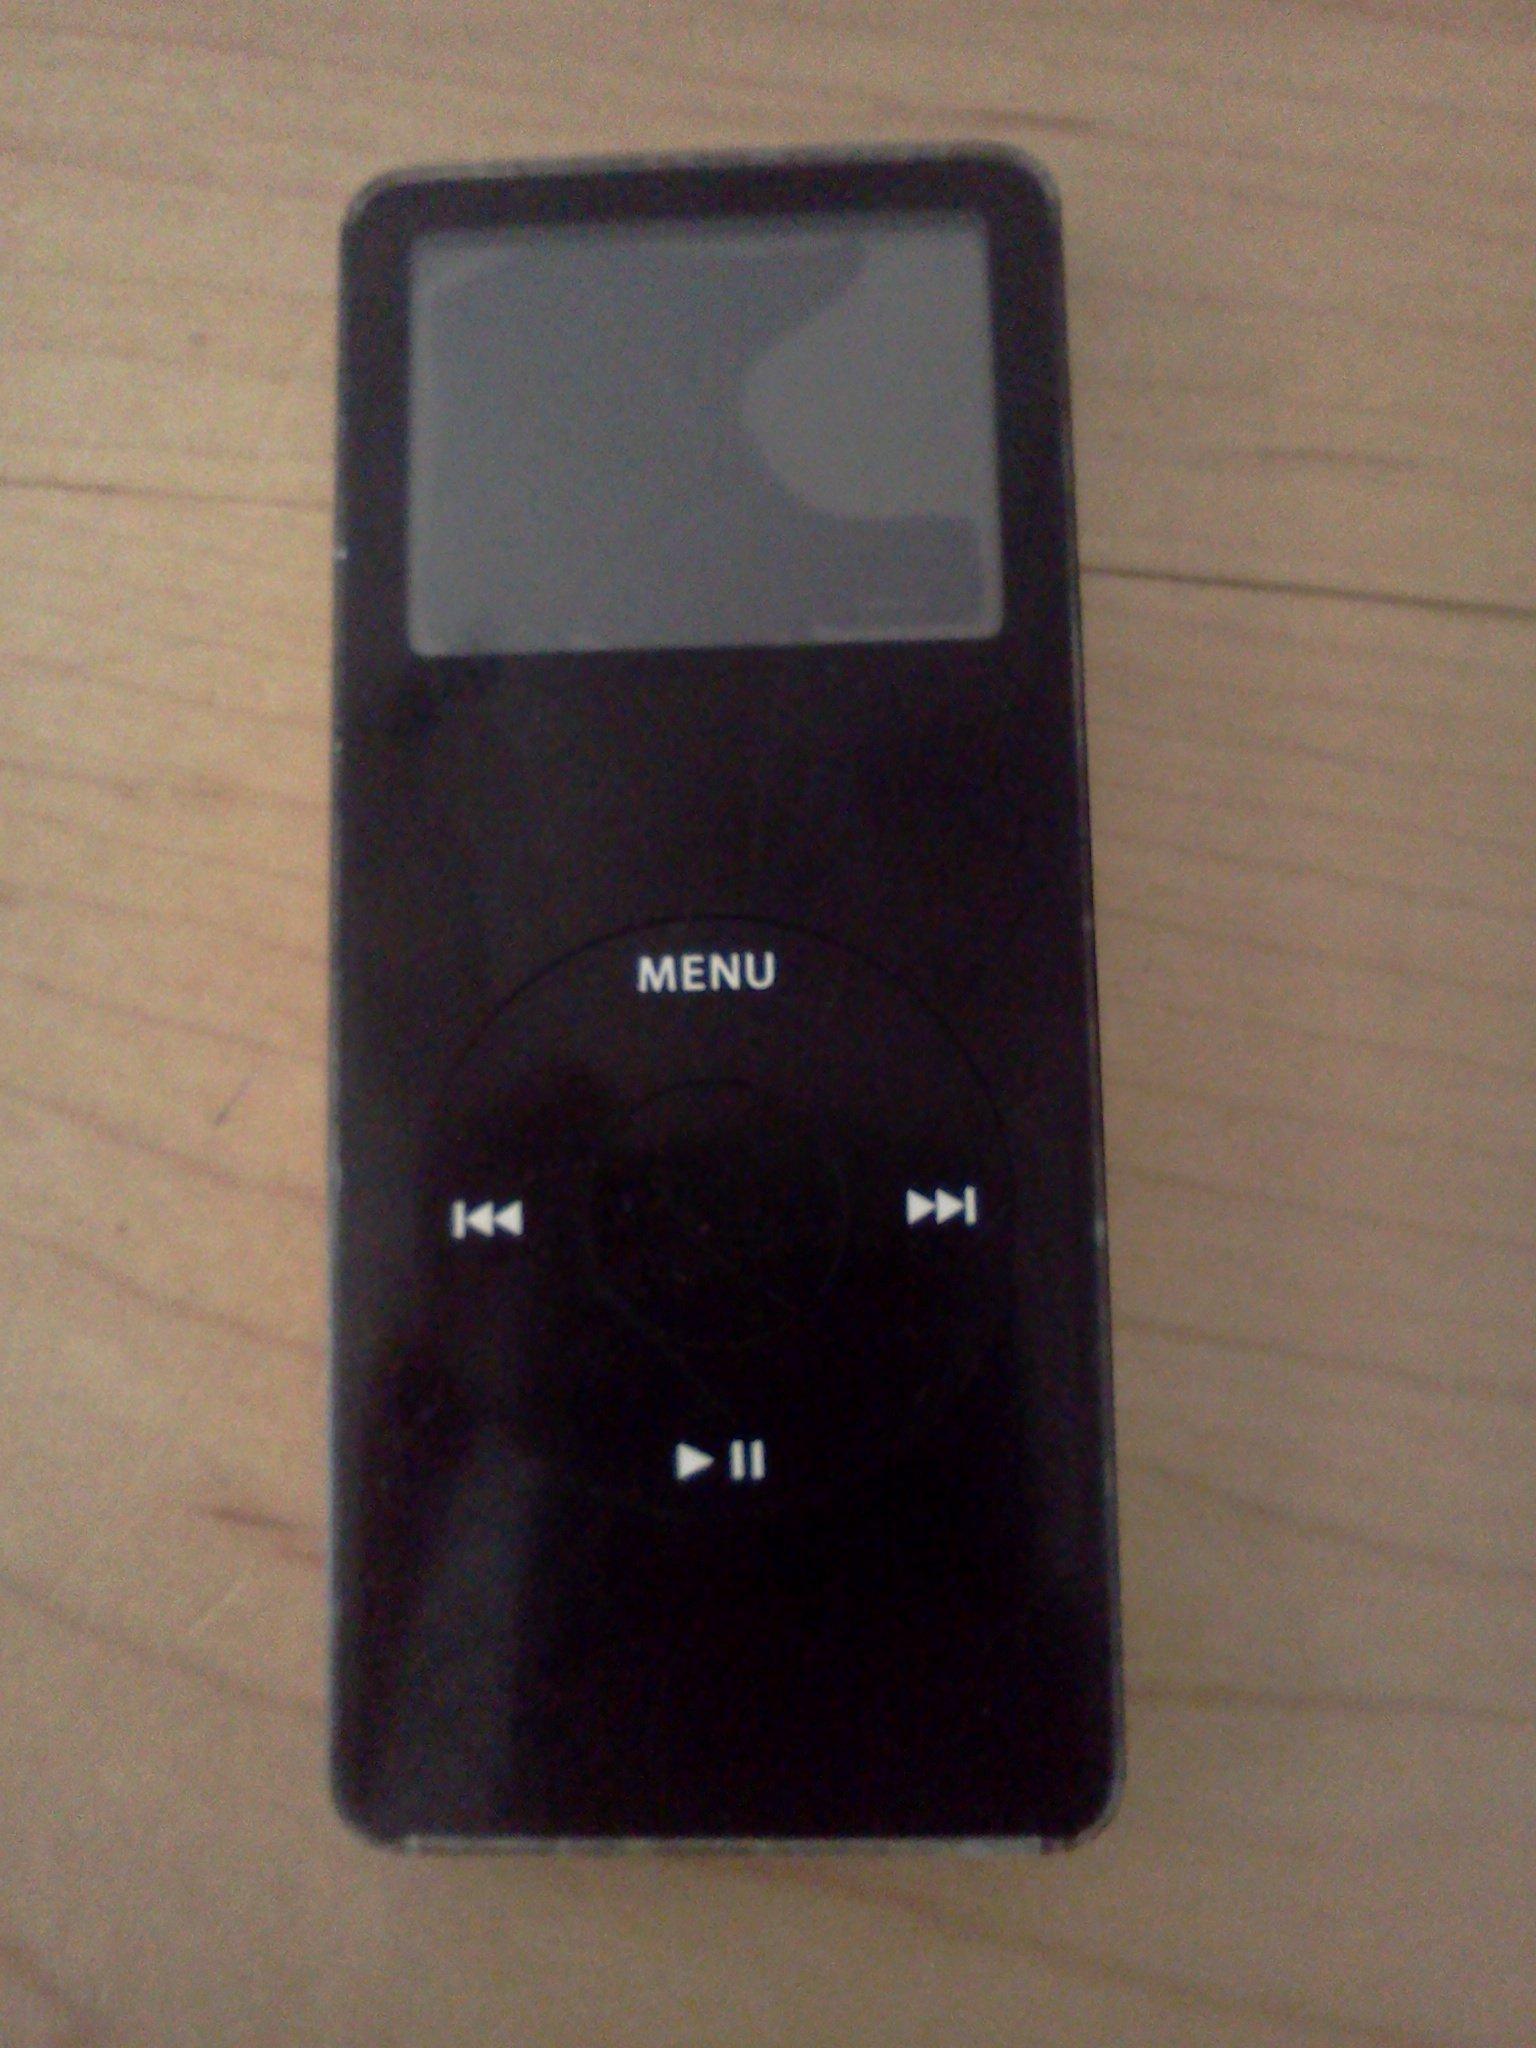 Ipod nano, broken screen